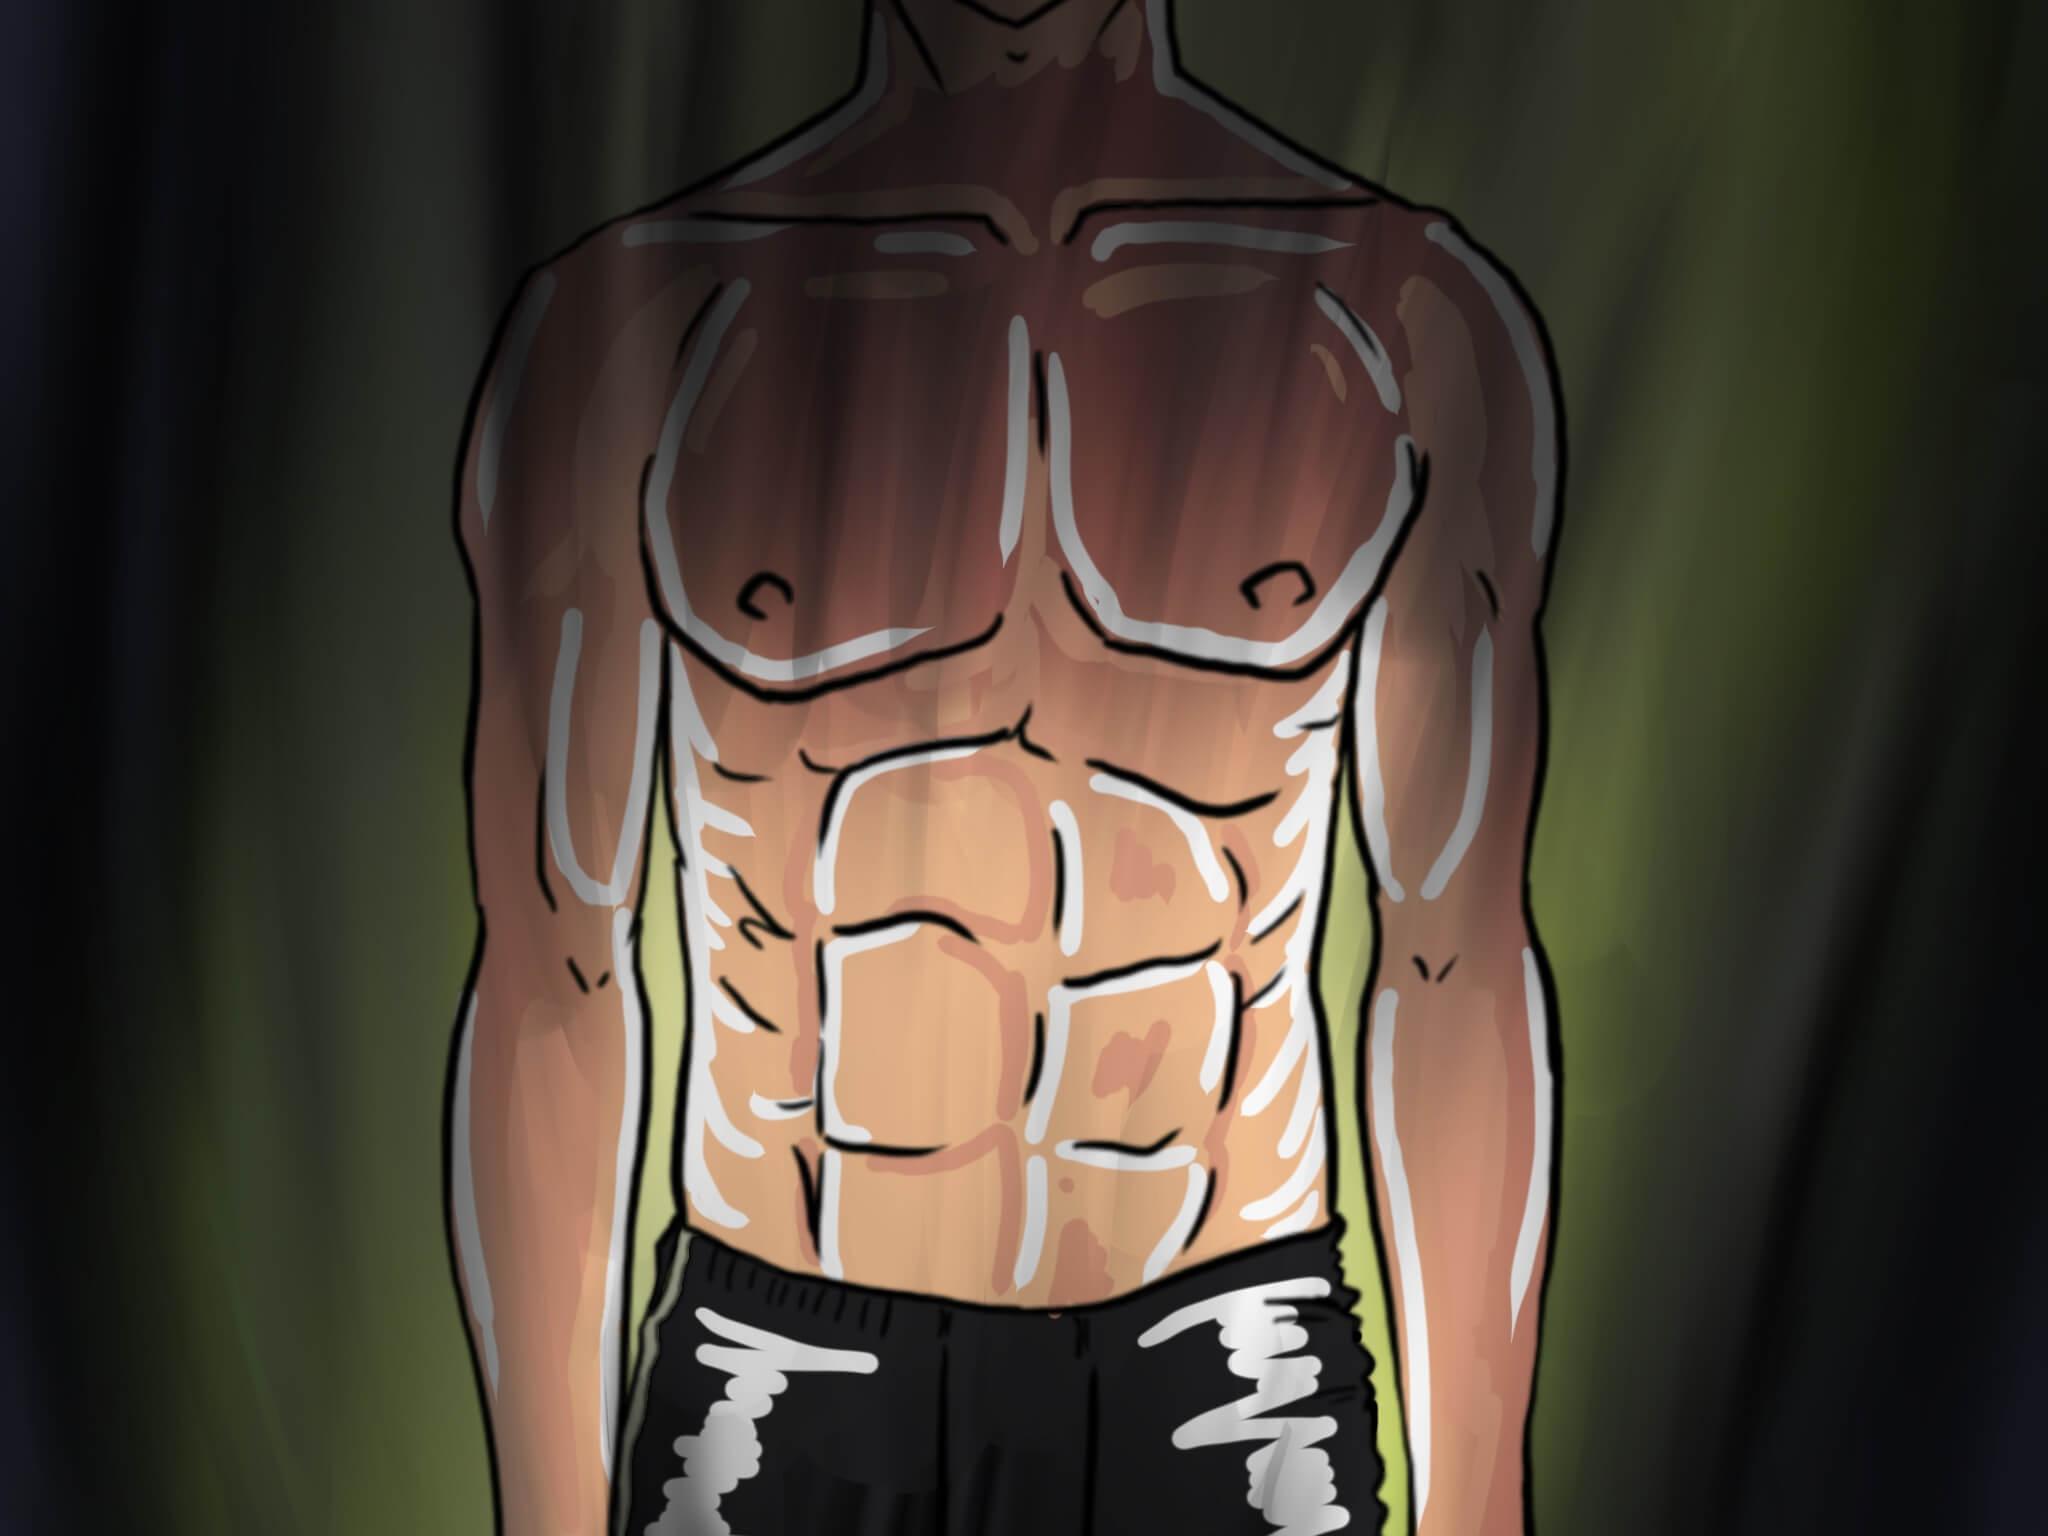 【徹底図解】腹圧呼吸で引き締め効果!呼吸改善で体幹引締め!